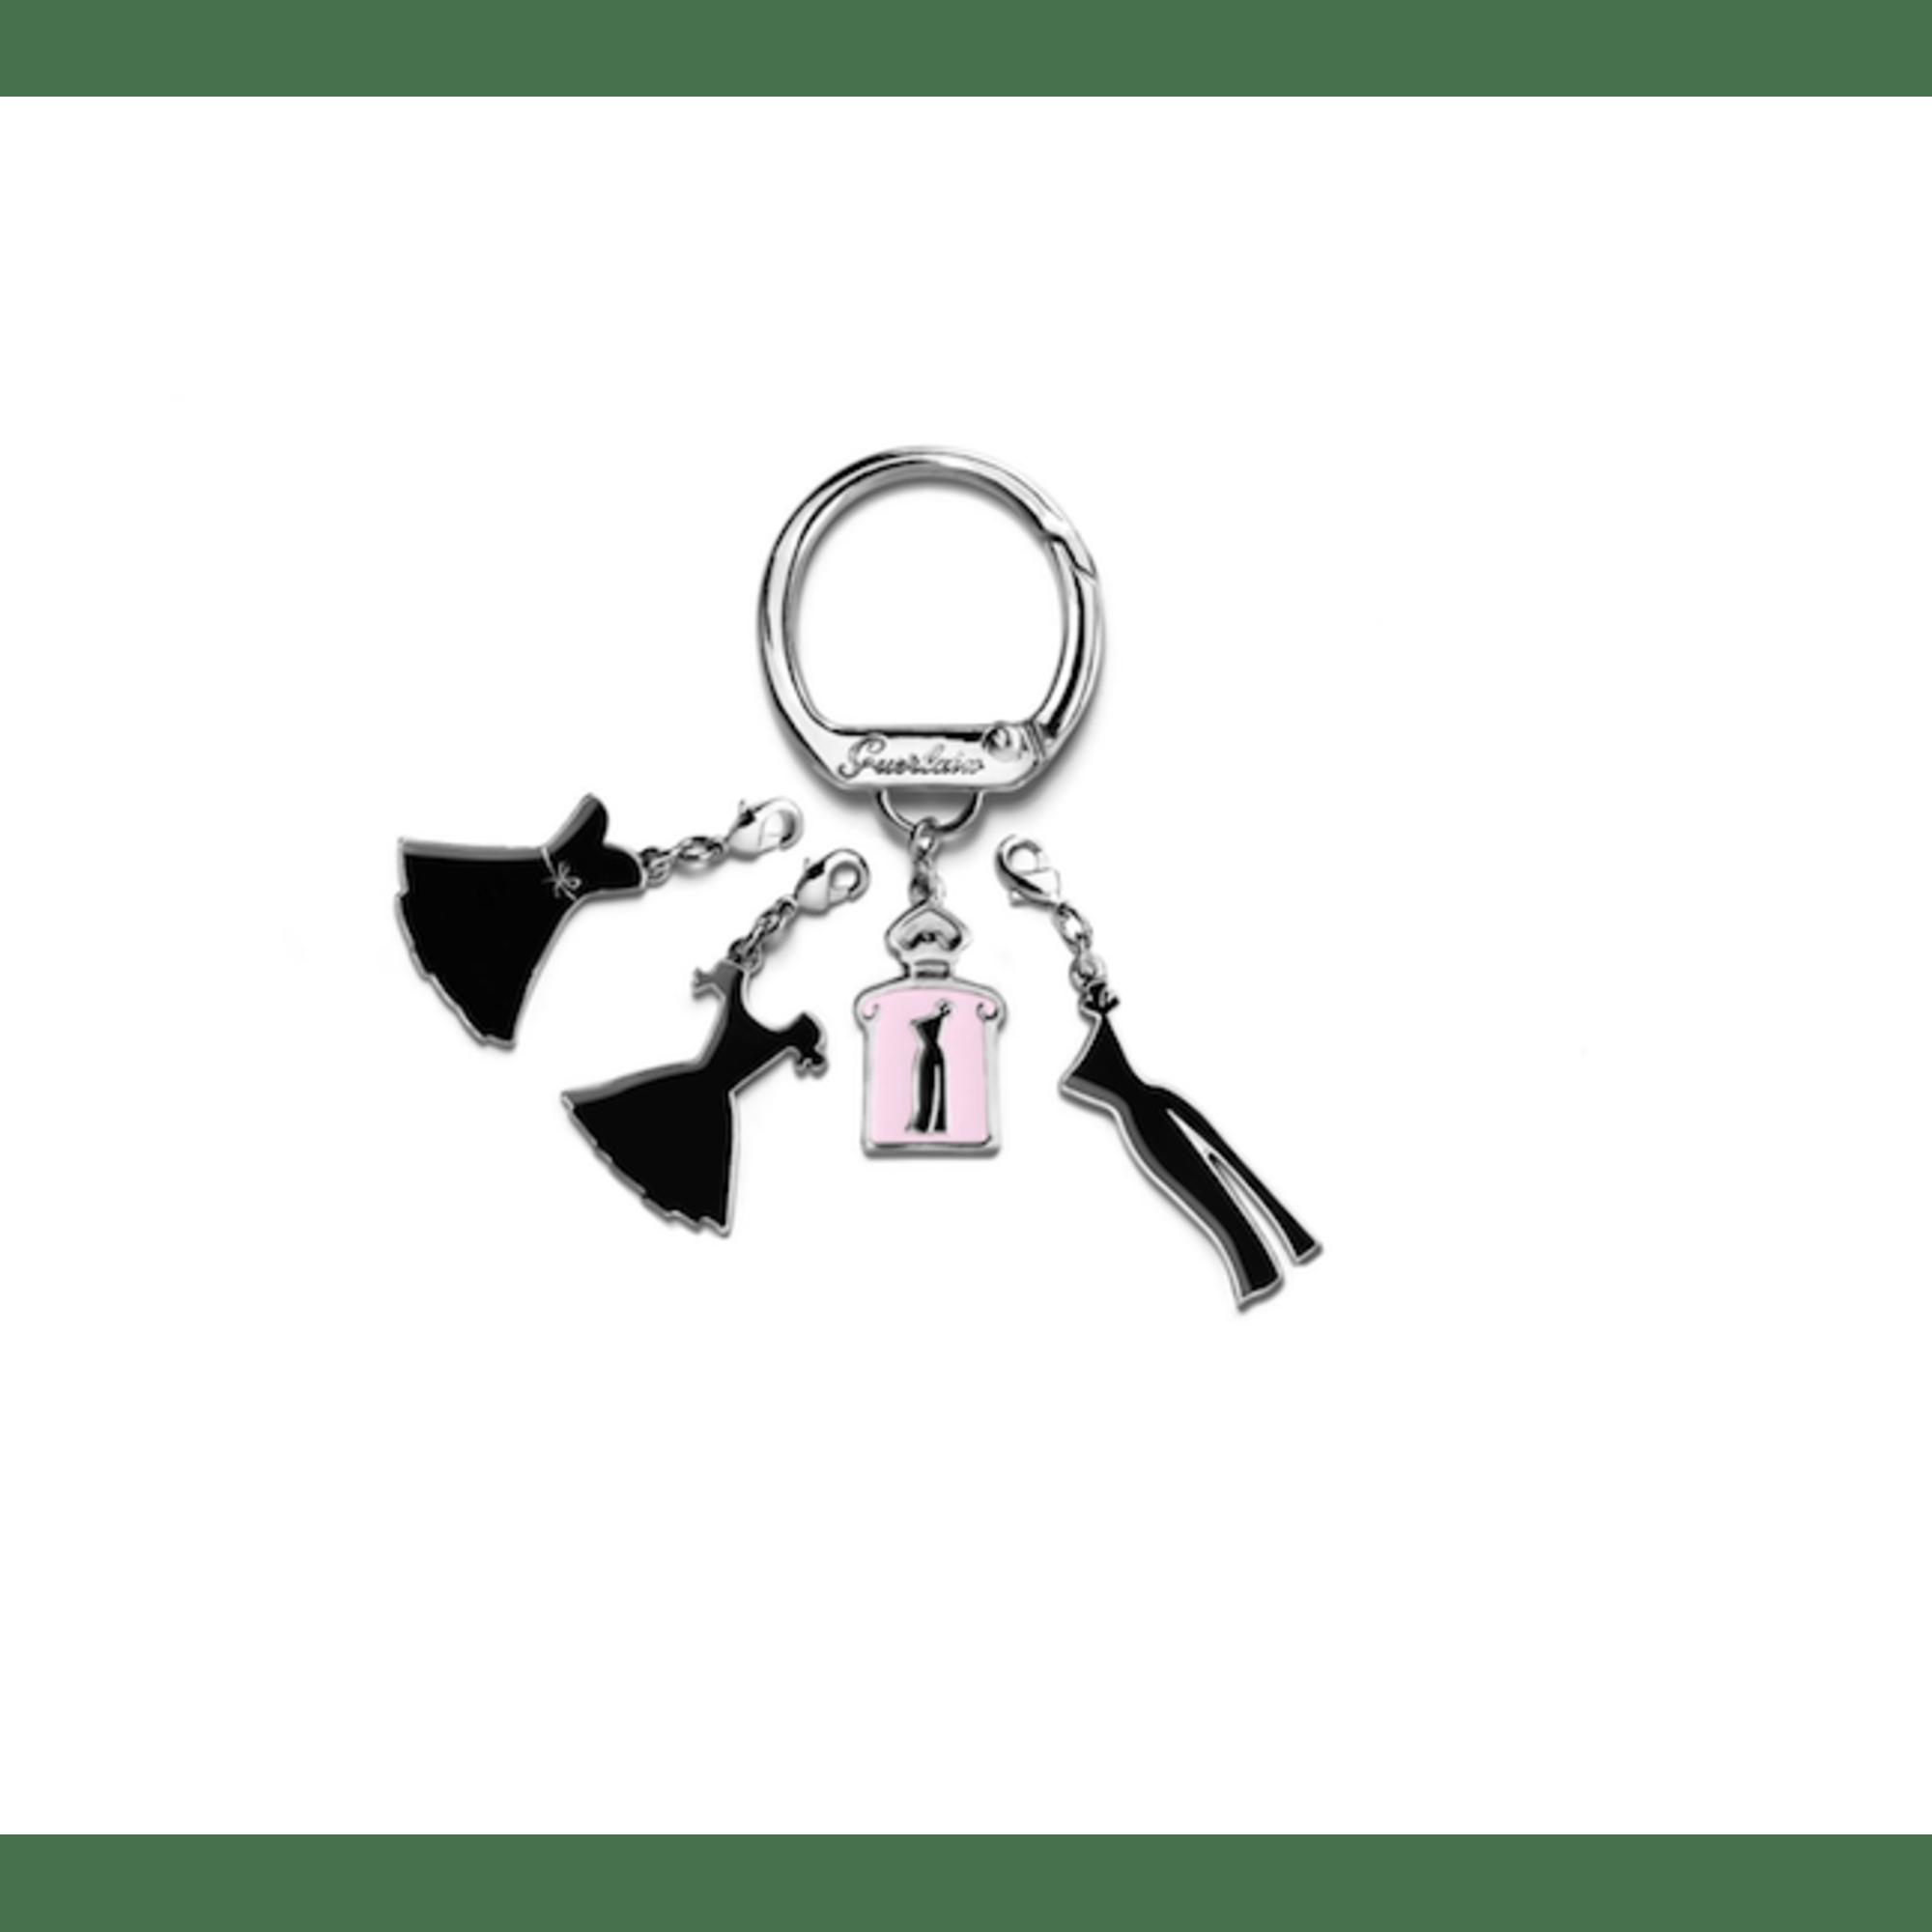 Porte-clés GUERLAIN noir vendu par Orchidé - 6759480 3e58996a860